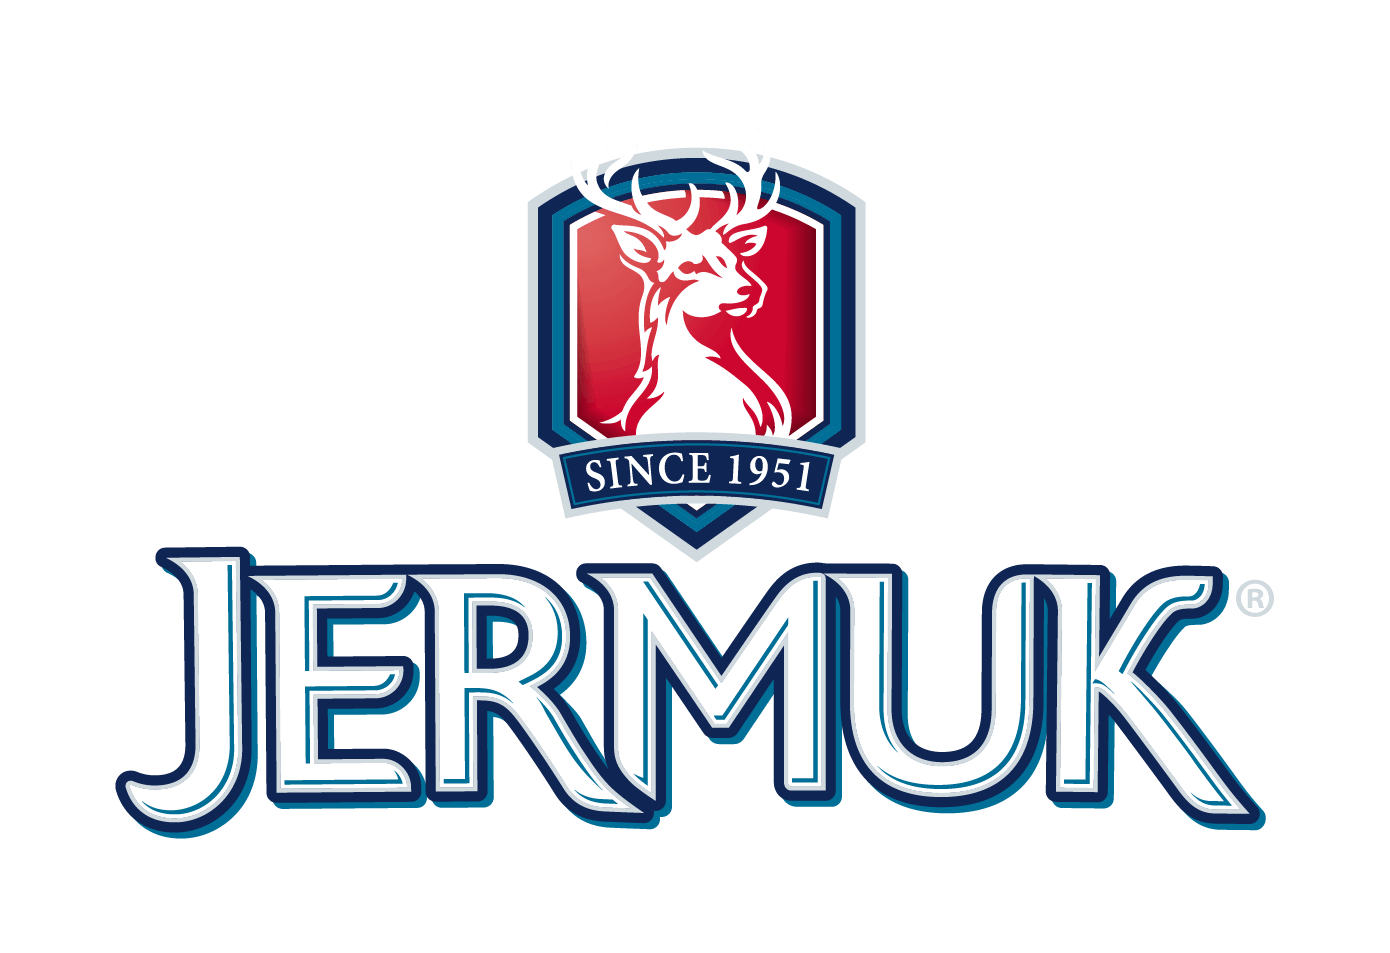 Jermuk Group CJSC